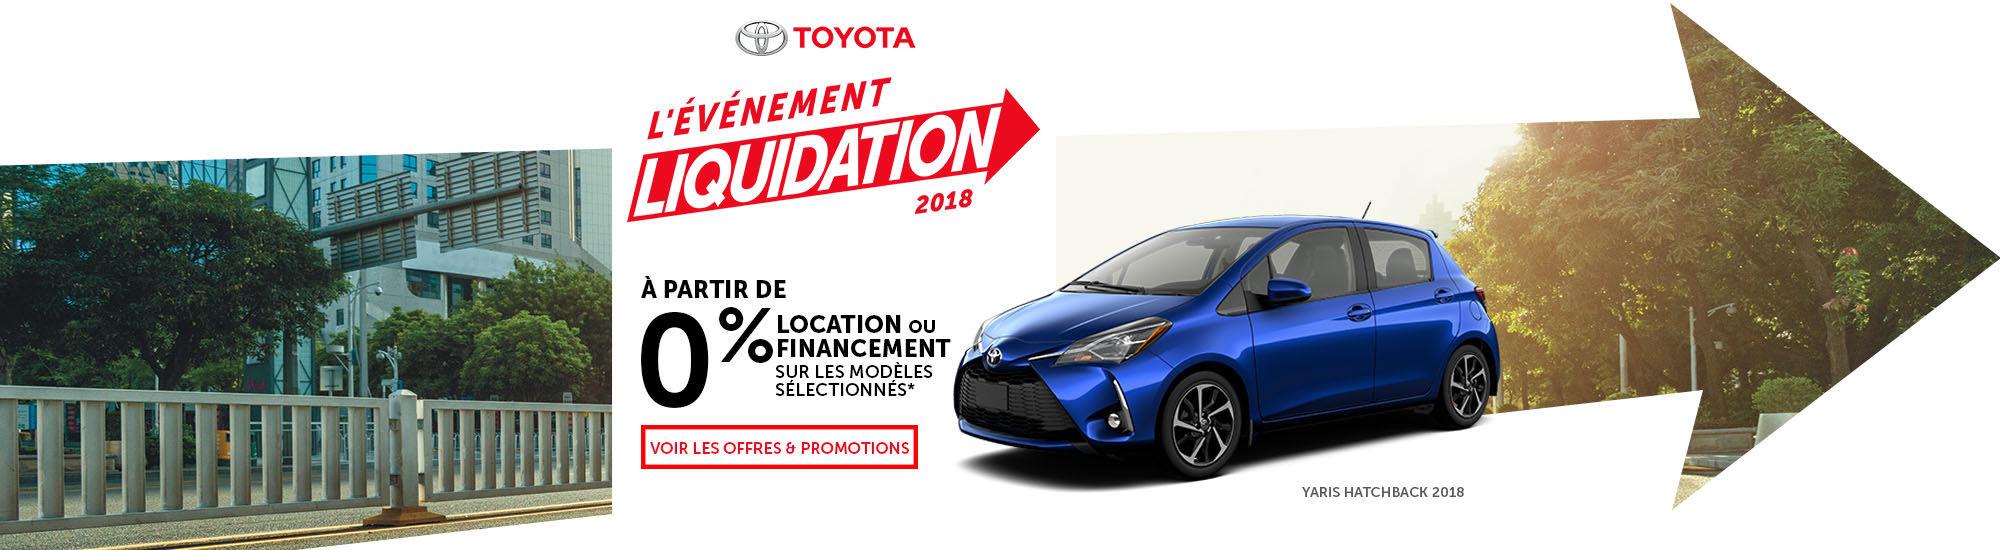 Toyota l'événement liquidation 2018